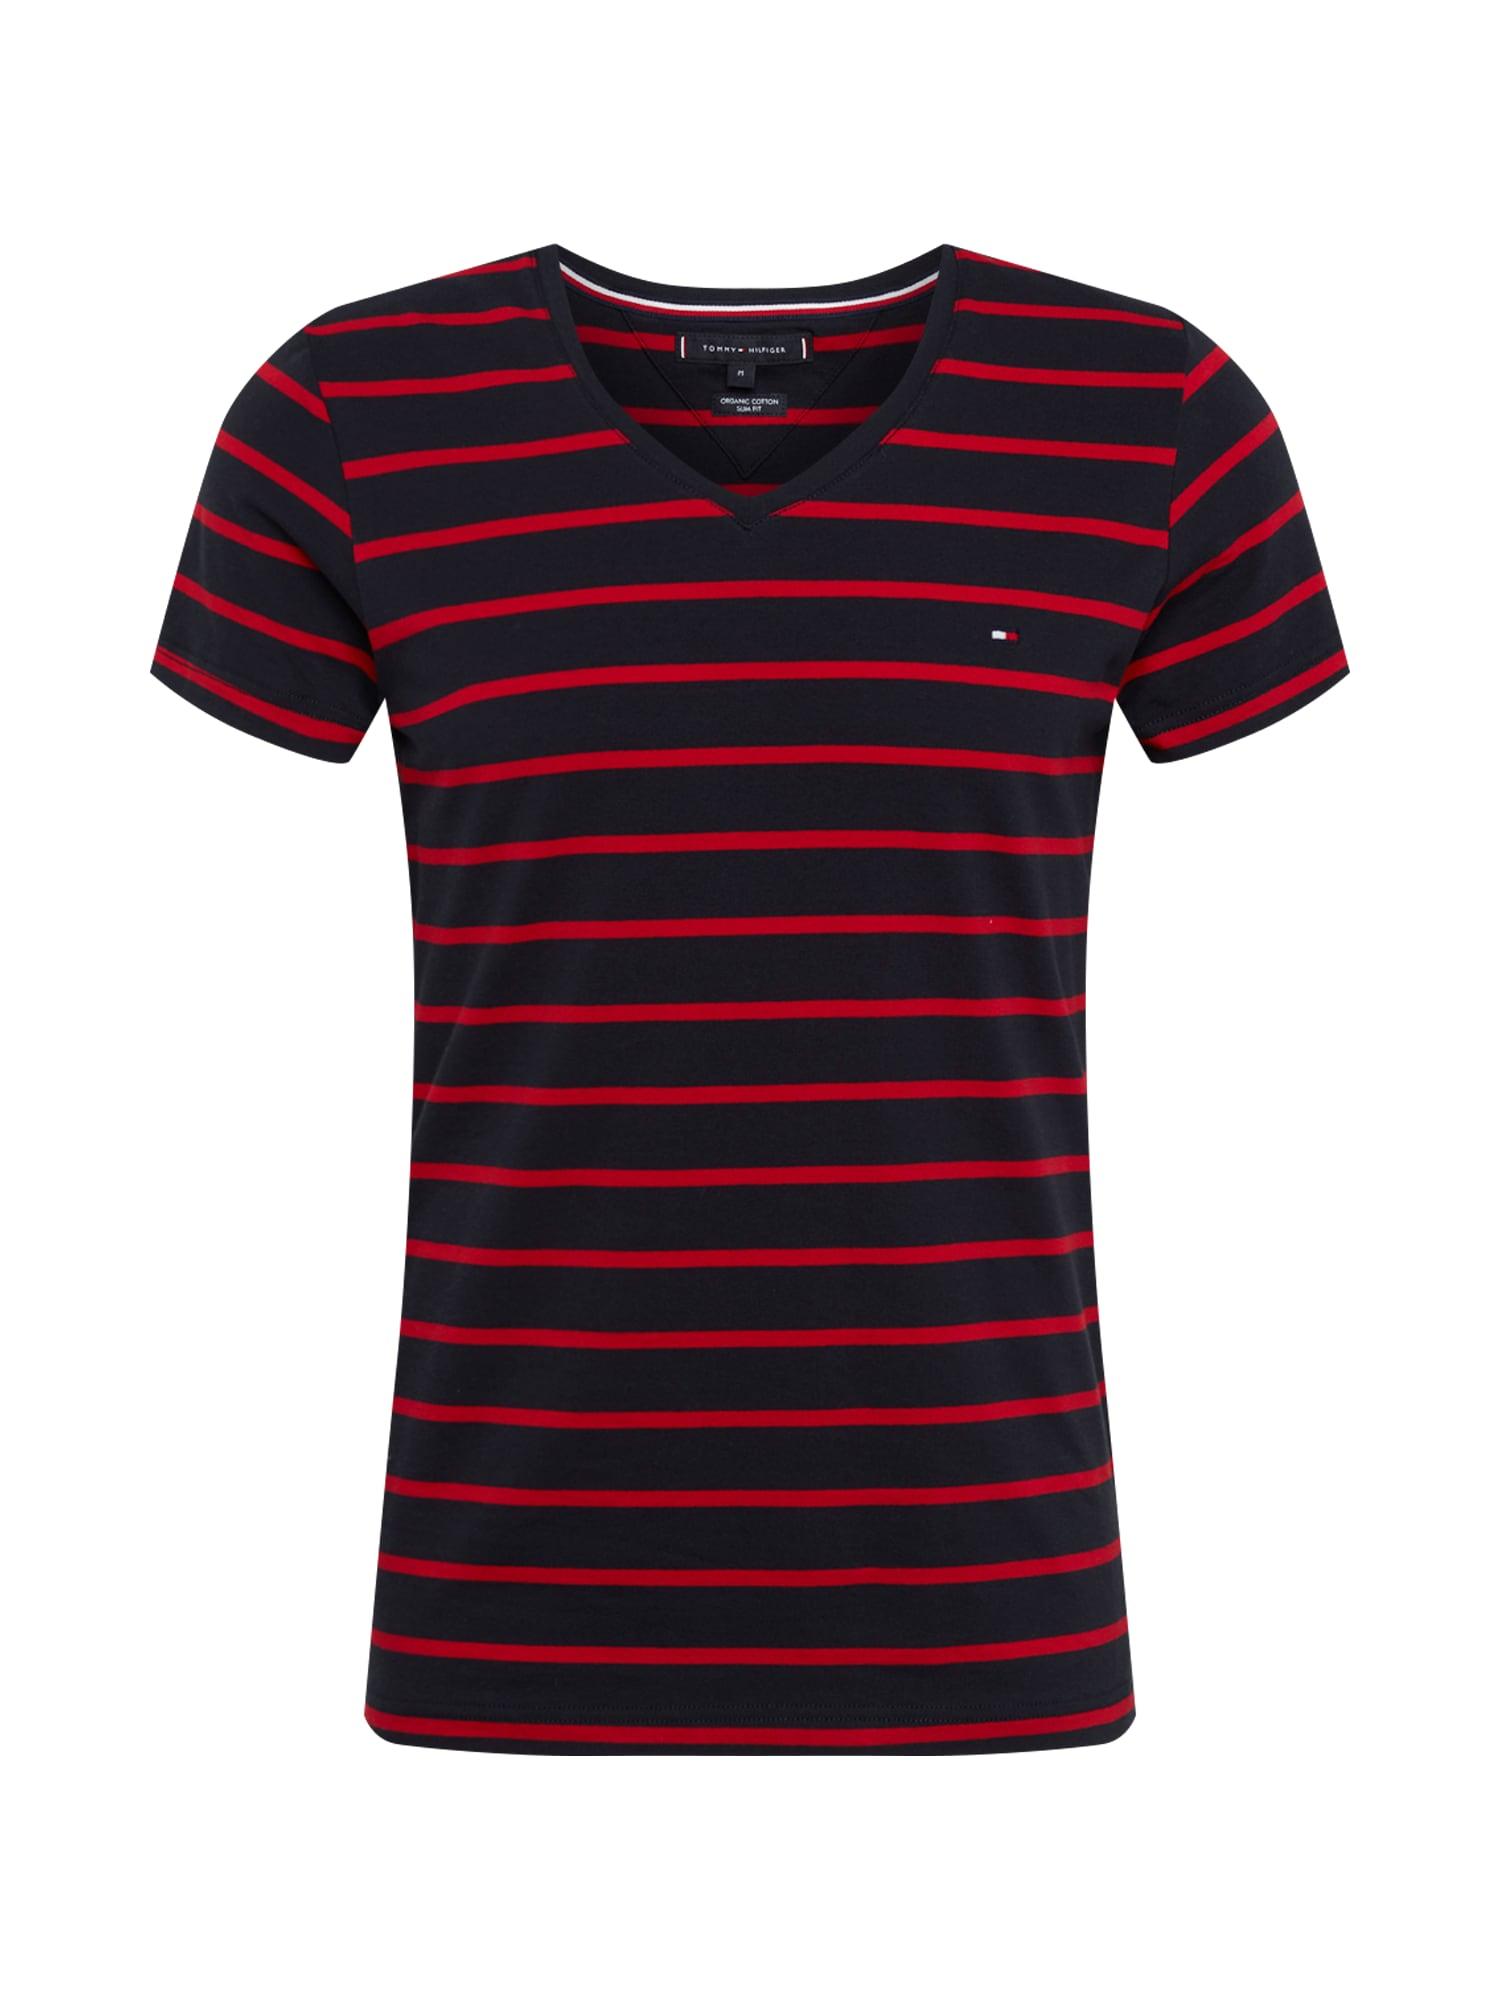 Tričko Strech Slim Fit Vneck Tee tmavě modrá červená TOMMY HILFIGER